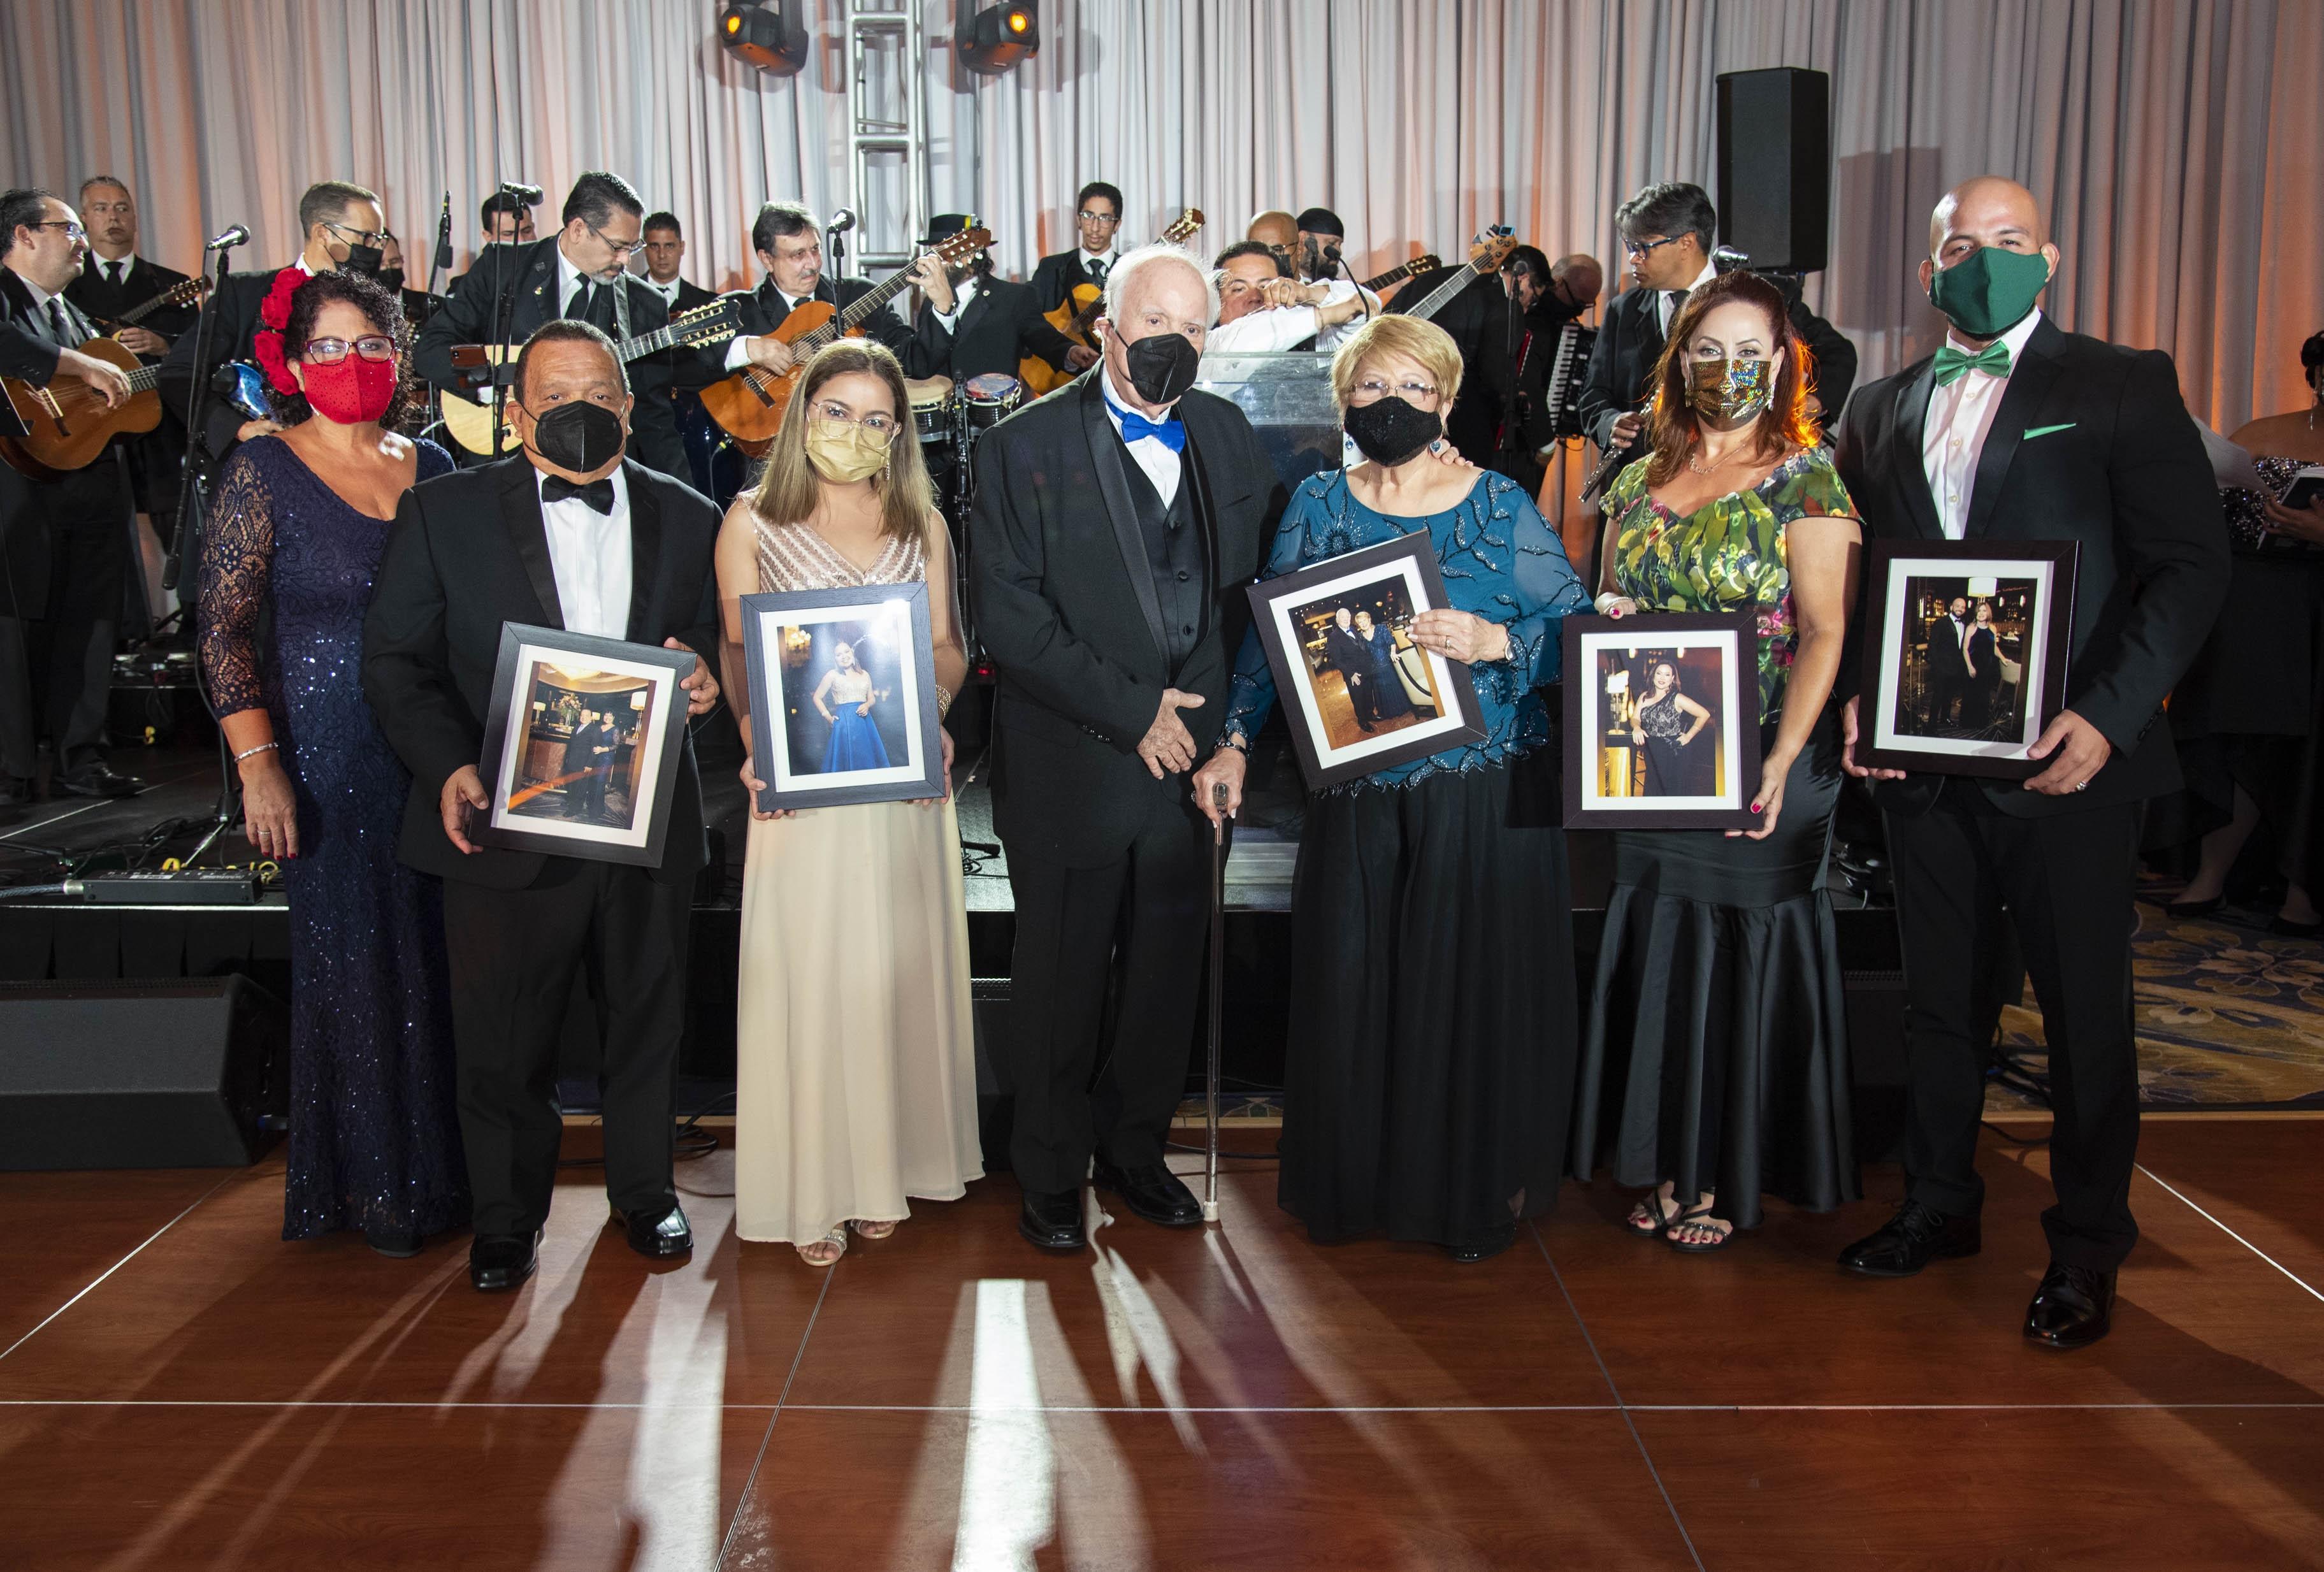 Los homenajeados del evento: Rosana De La Cruz y su esposo Dennis G. Hernández; Neisharleen Martínez; Miguel De La Sotay su esposa Rosita De La Sota; Anadel Polidura y Miguel A. Ramos. (Suministrada)